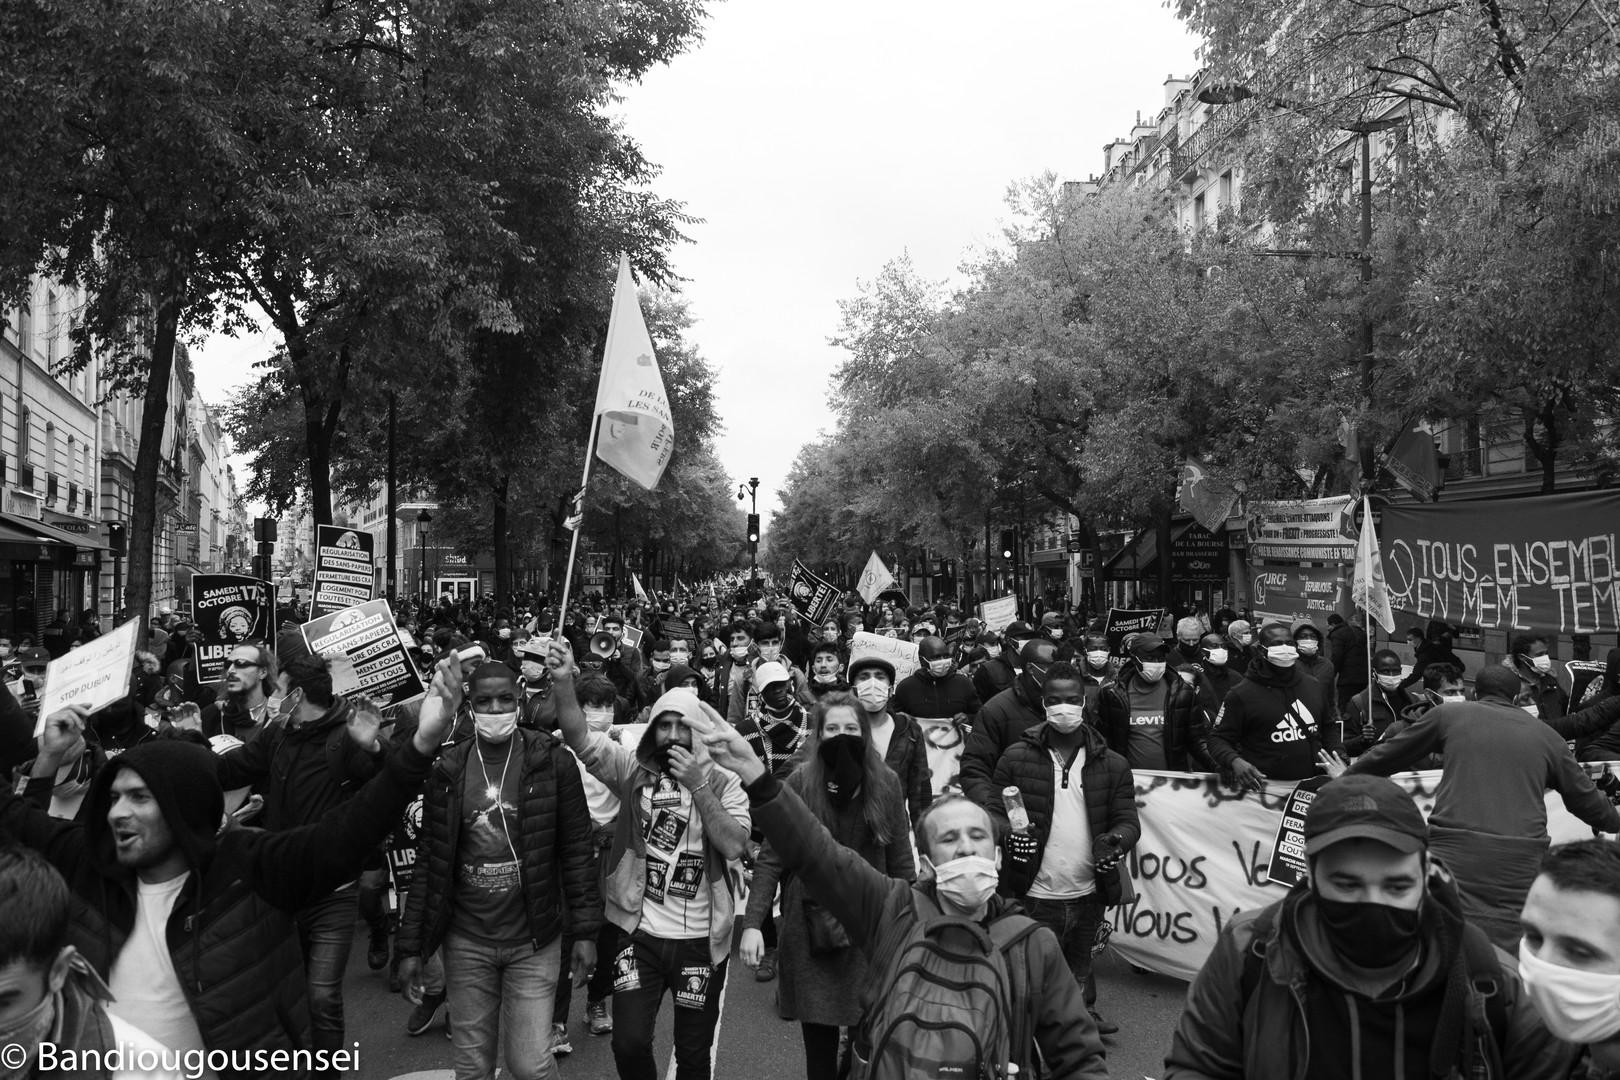 Marche national sans-papier_-23.jpg